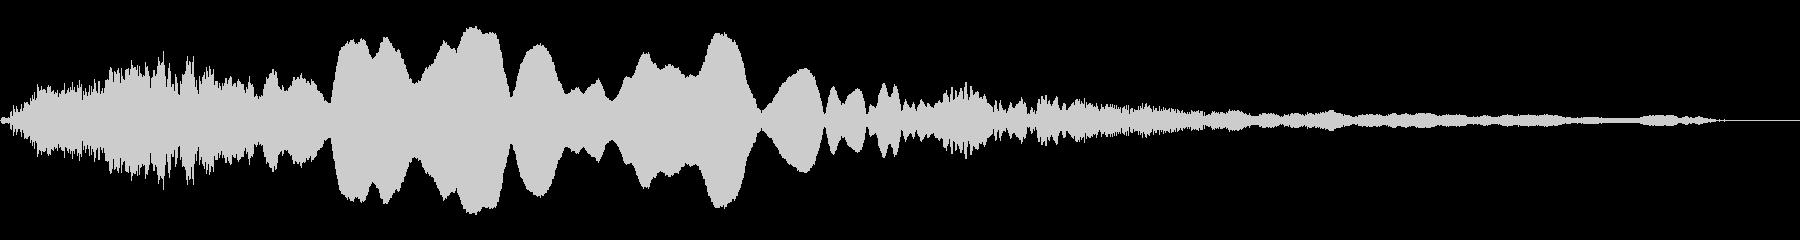 ウルフハウリングクラシックの未再生の波形